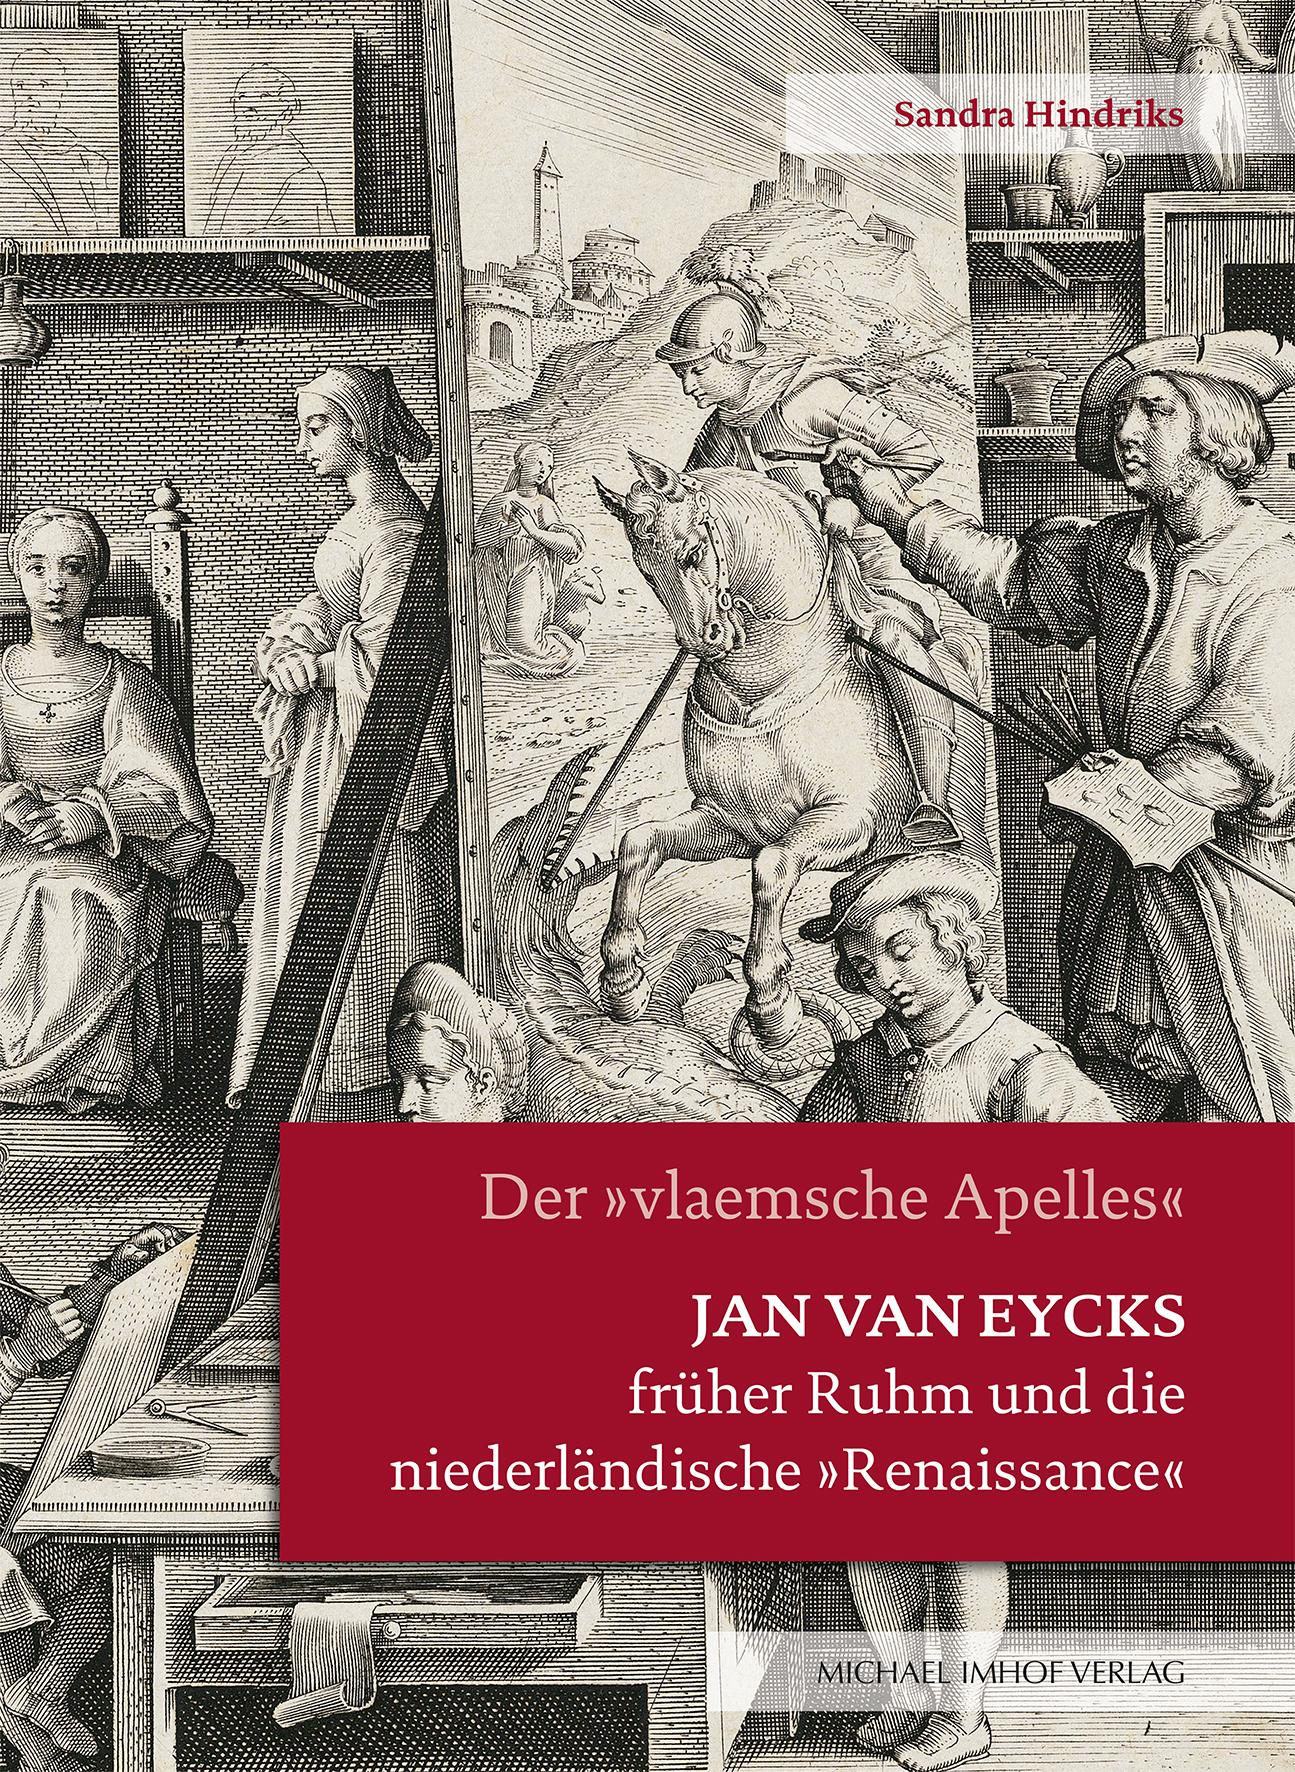 NEU_Jan-van-Eyck_UMSCHLAG.qxp_Layout 1